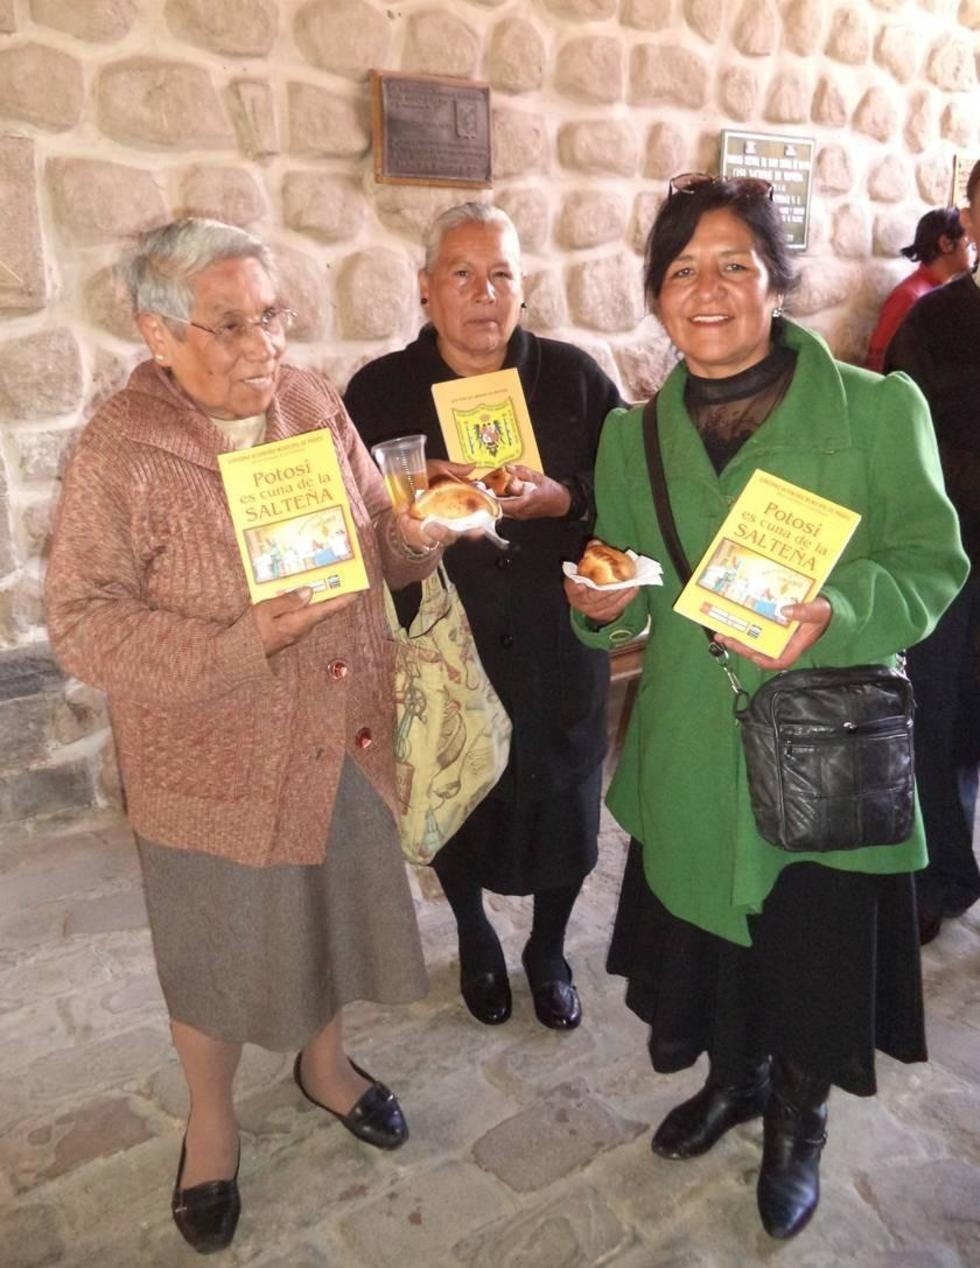 La población muestra el libro, la salteña y un refresco popular.